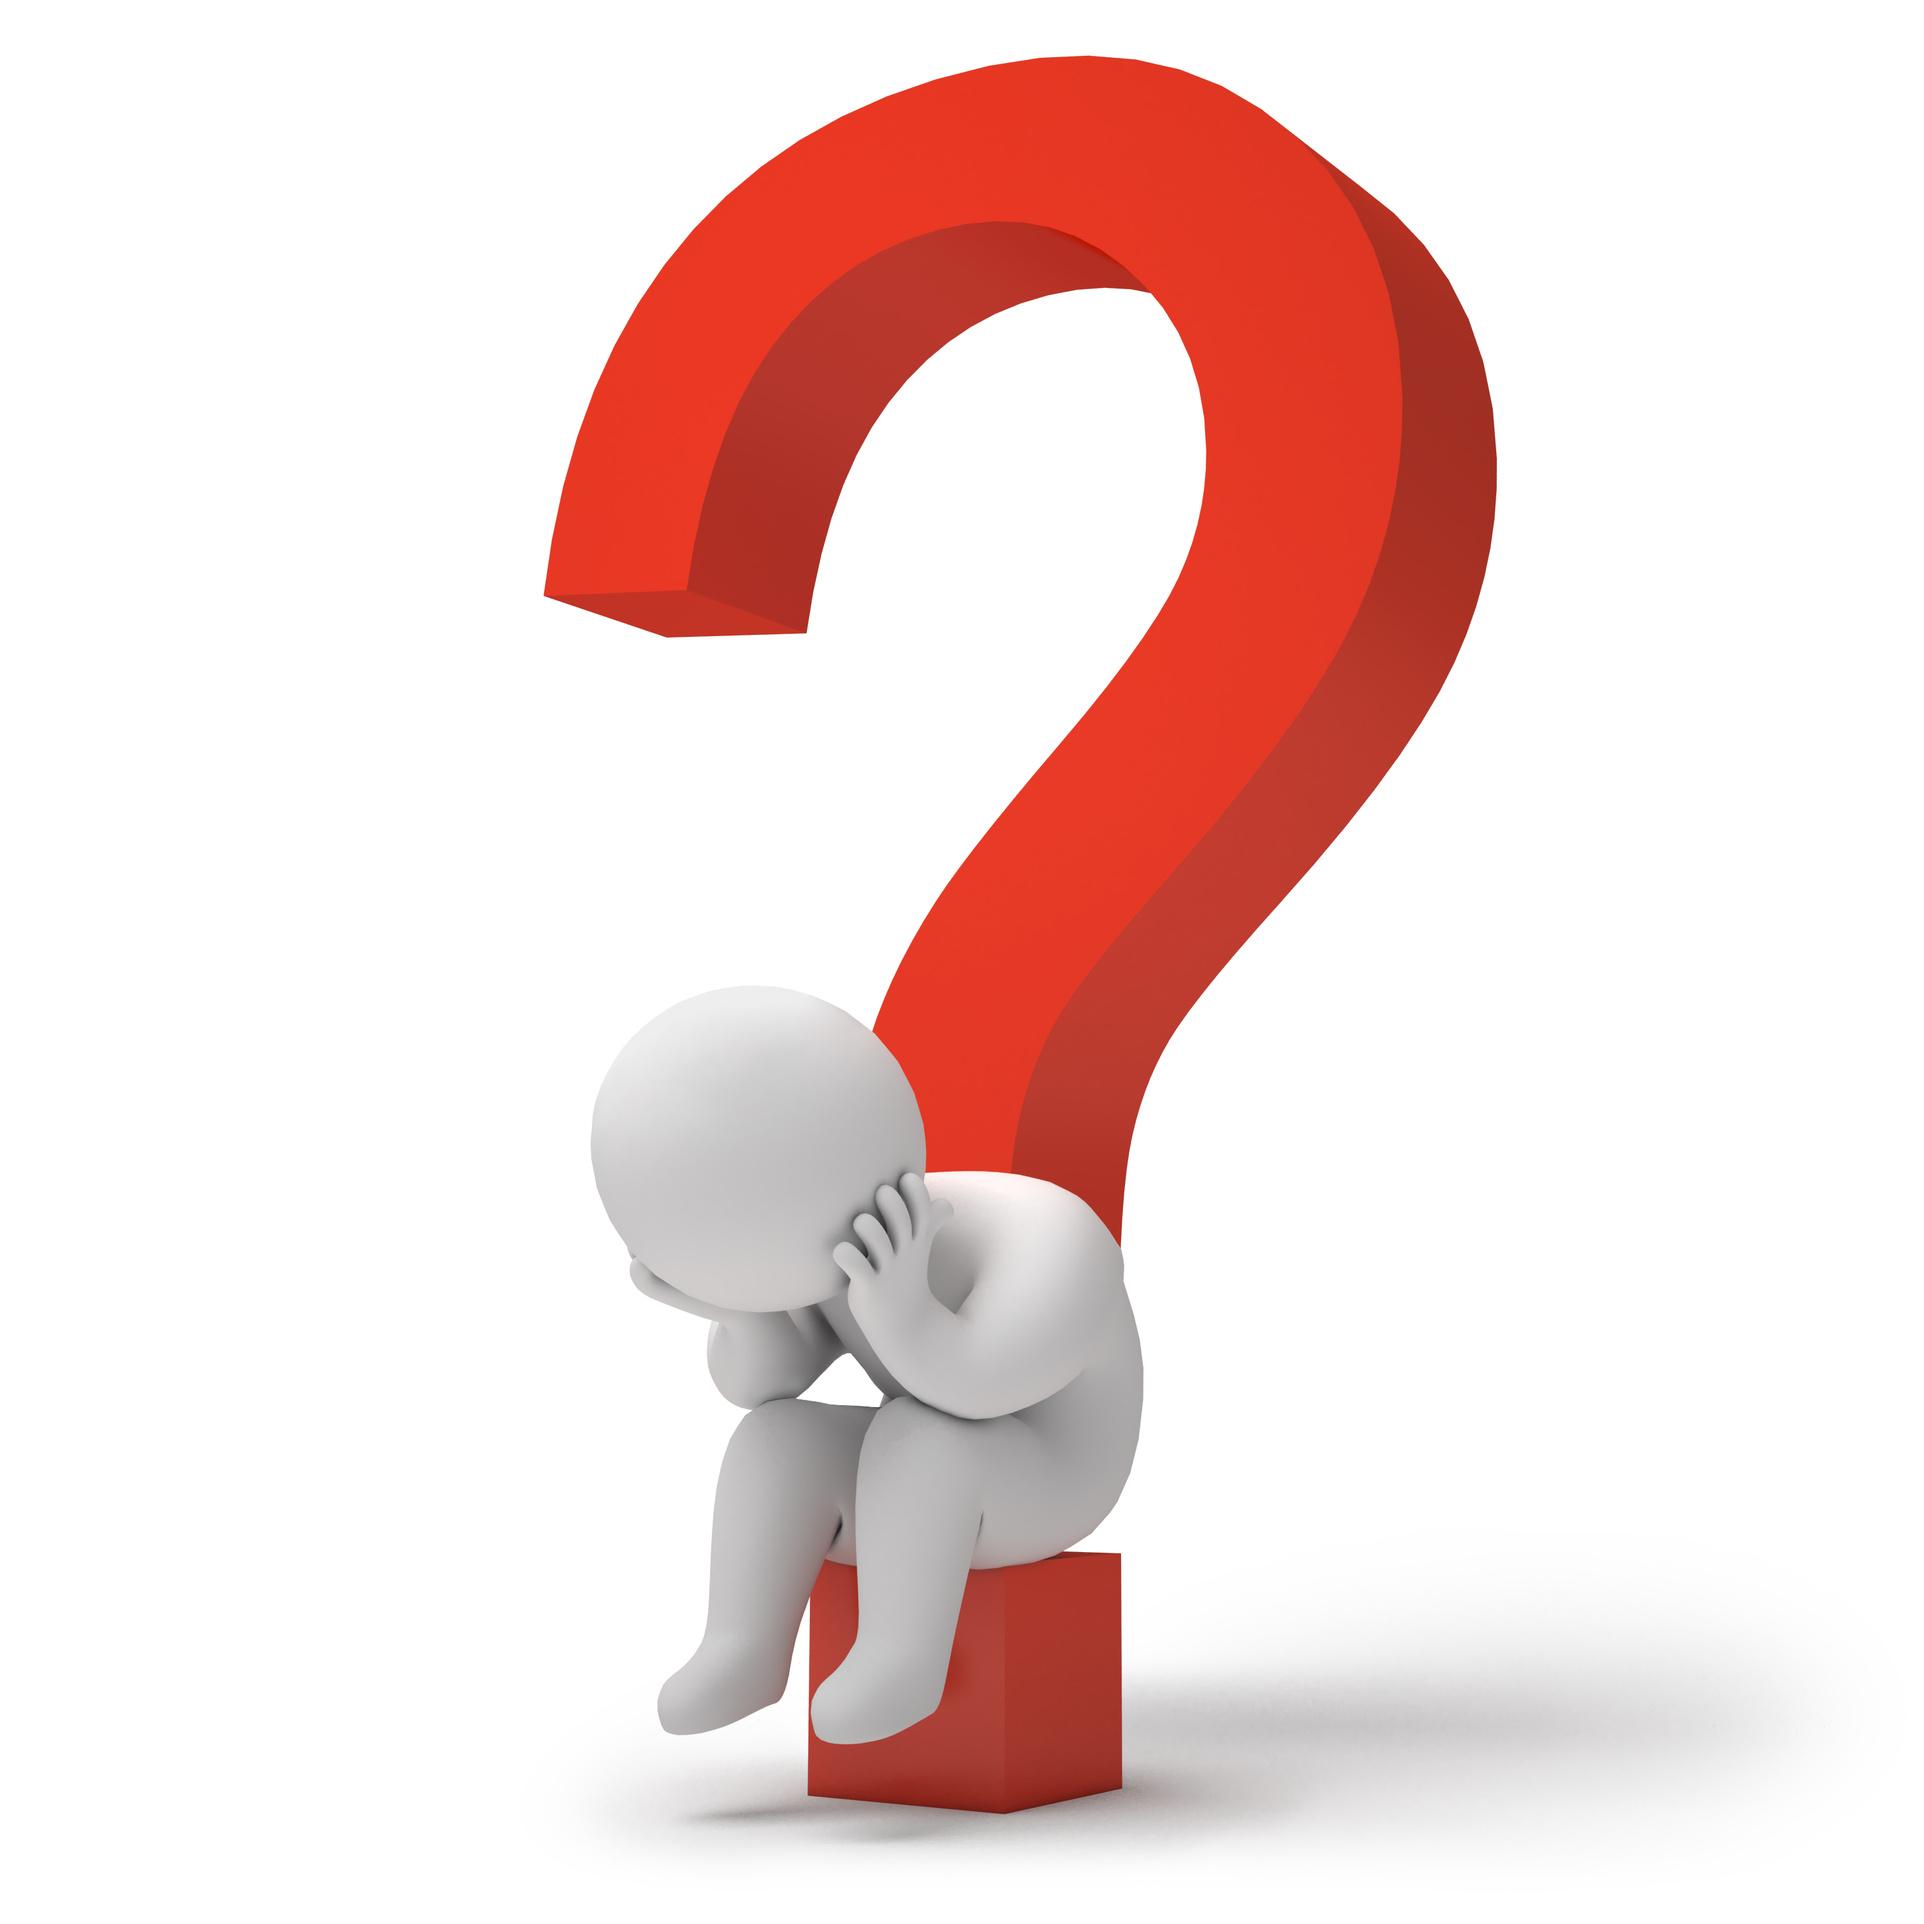 なぜ、あなたはやれば短期間で結果に結びつくのに行動しないのか?